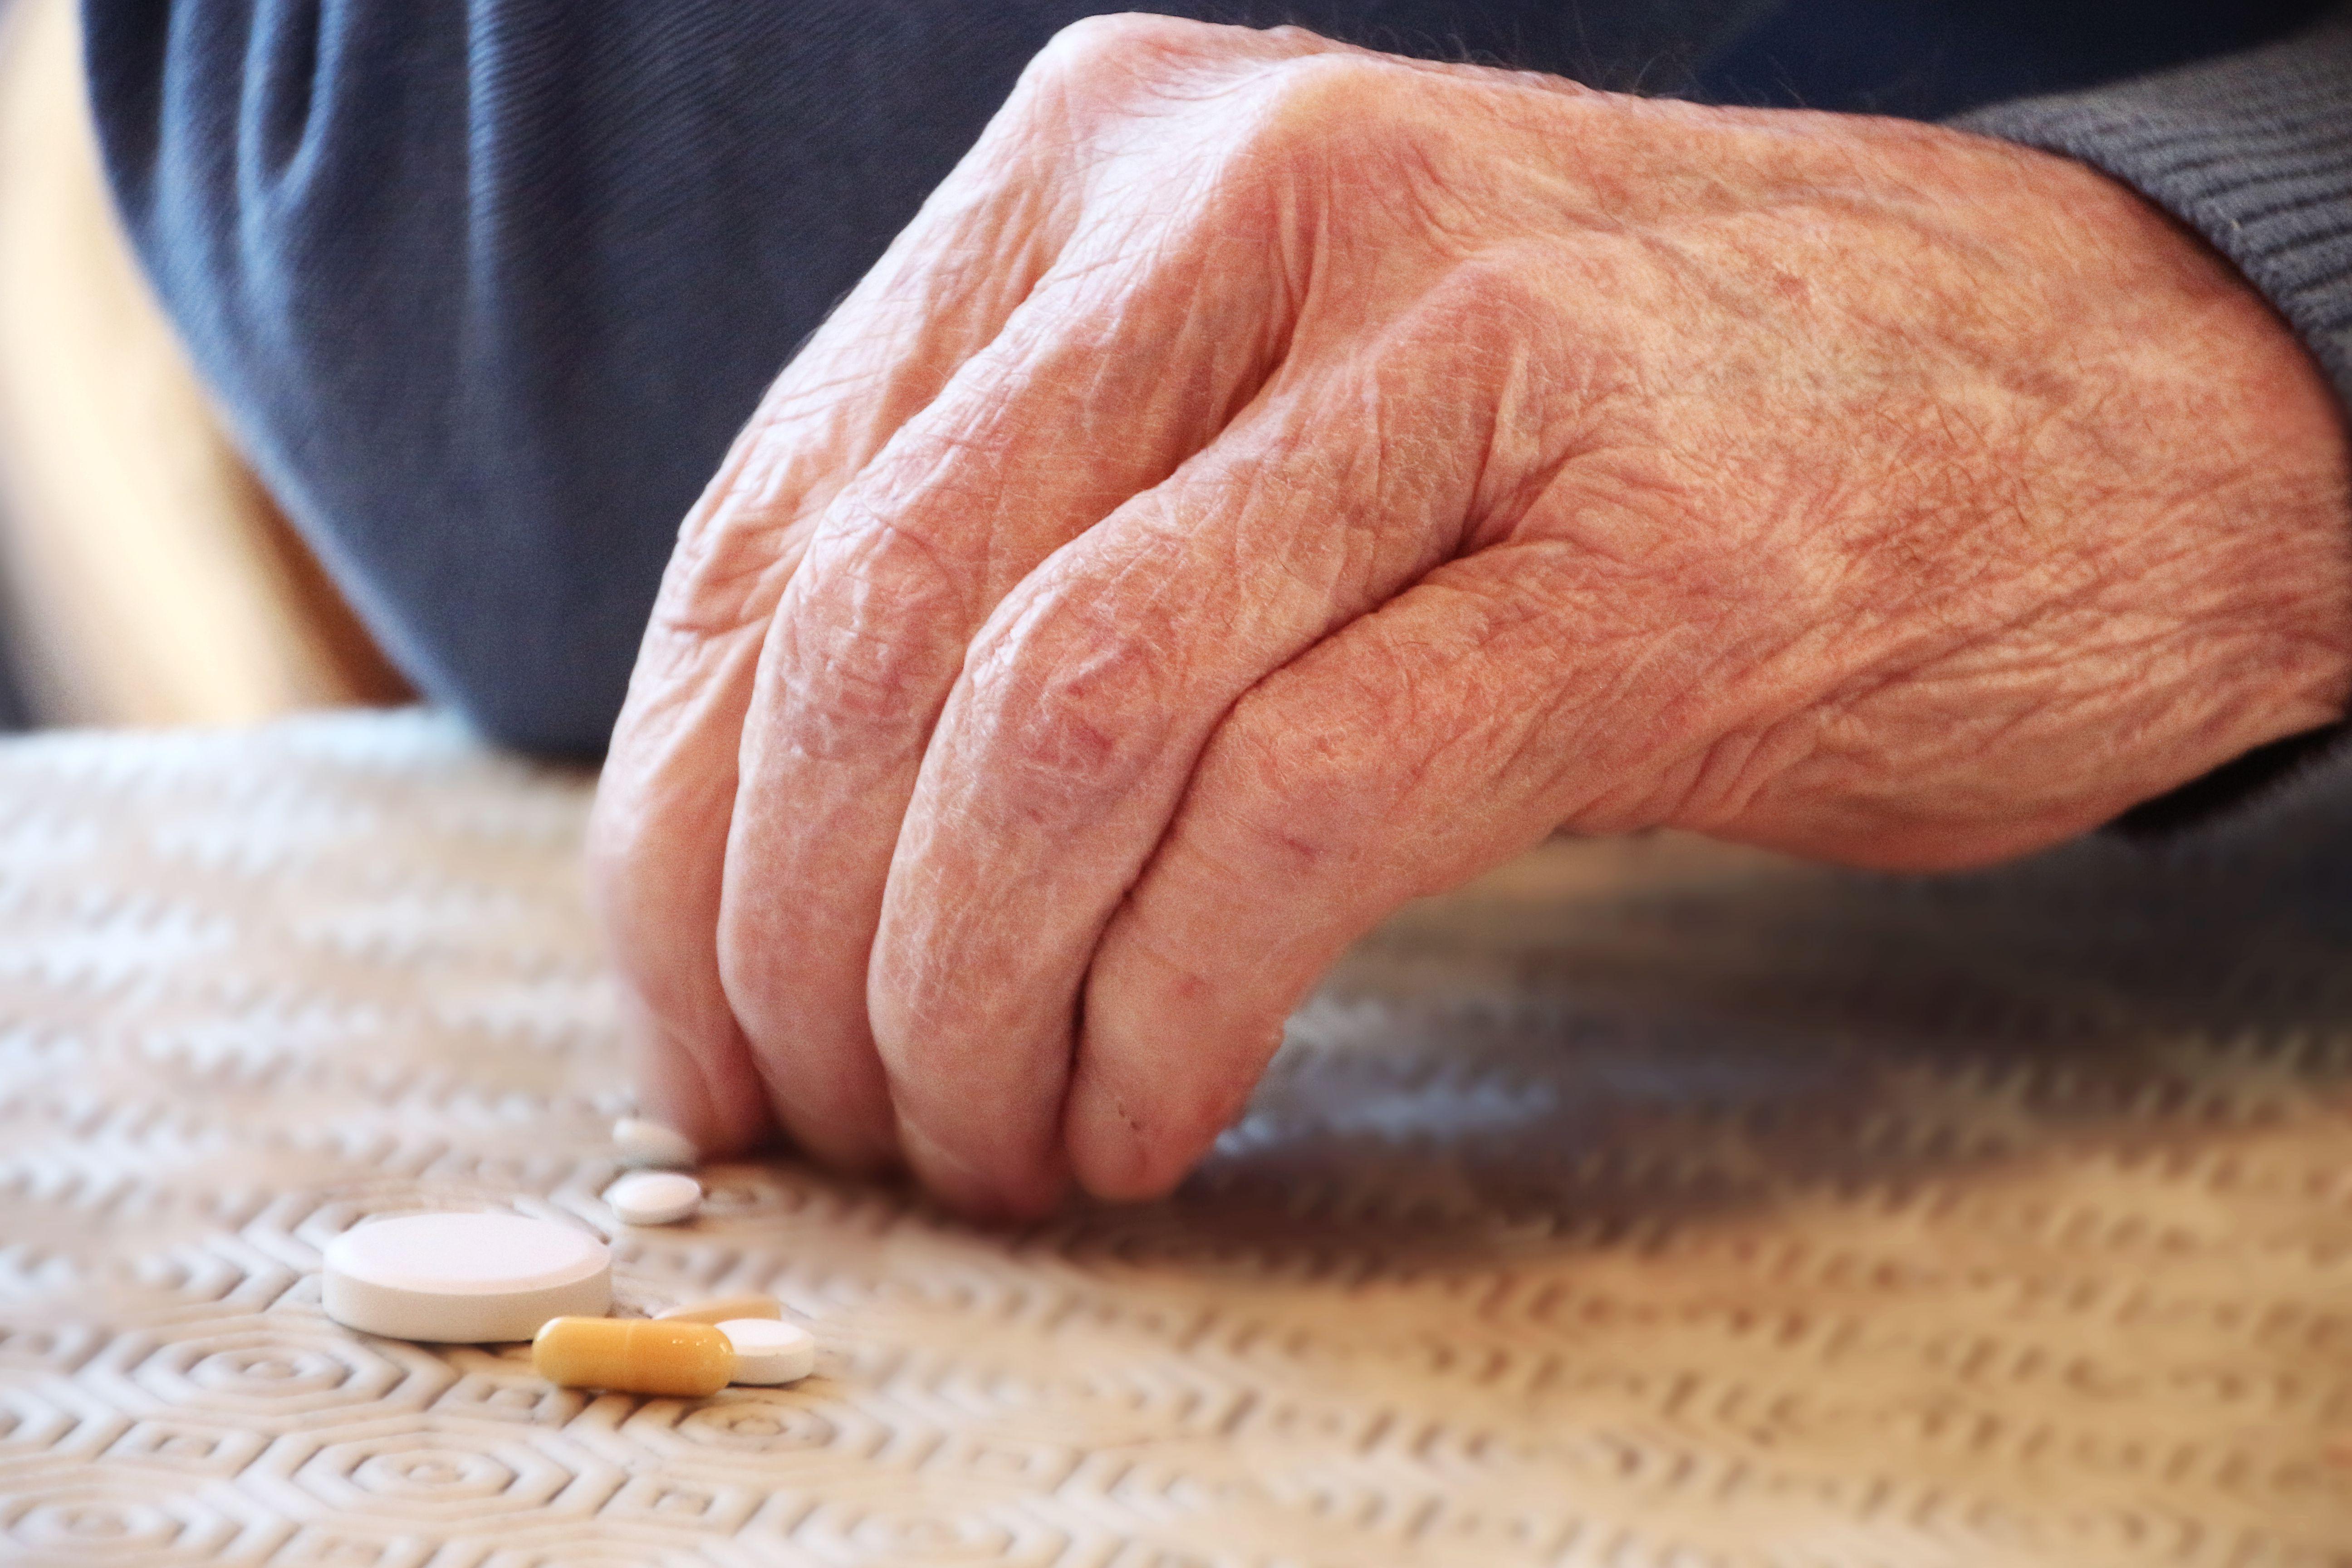 Senior man taking his pills